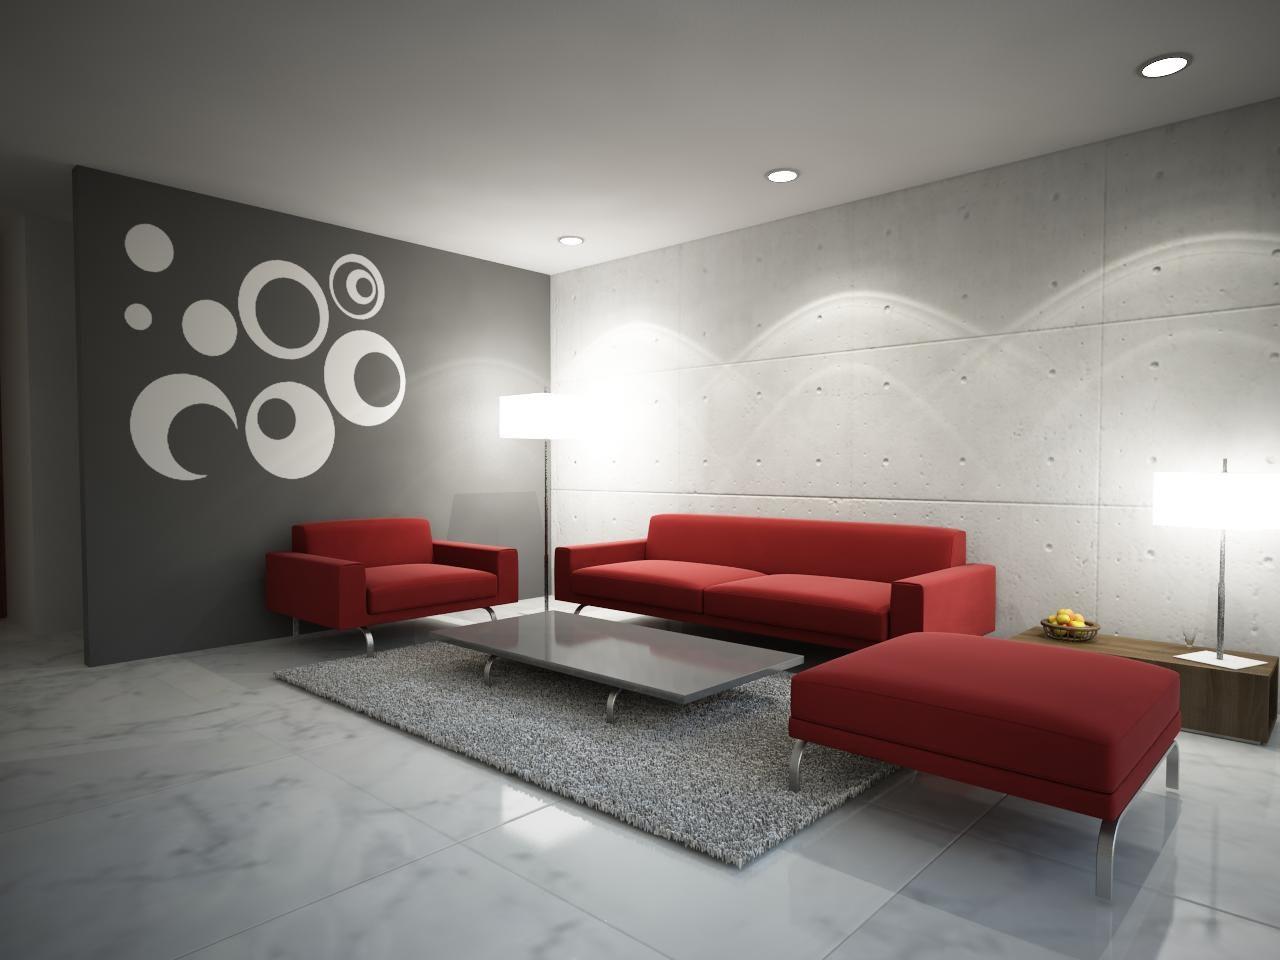 Cuatro diseos de interiores muy llamativos  Decoracion de Interiores